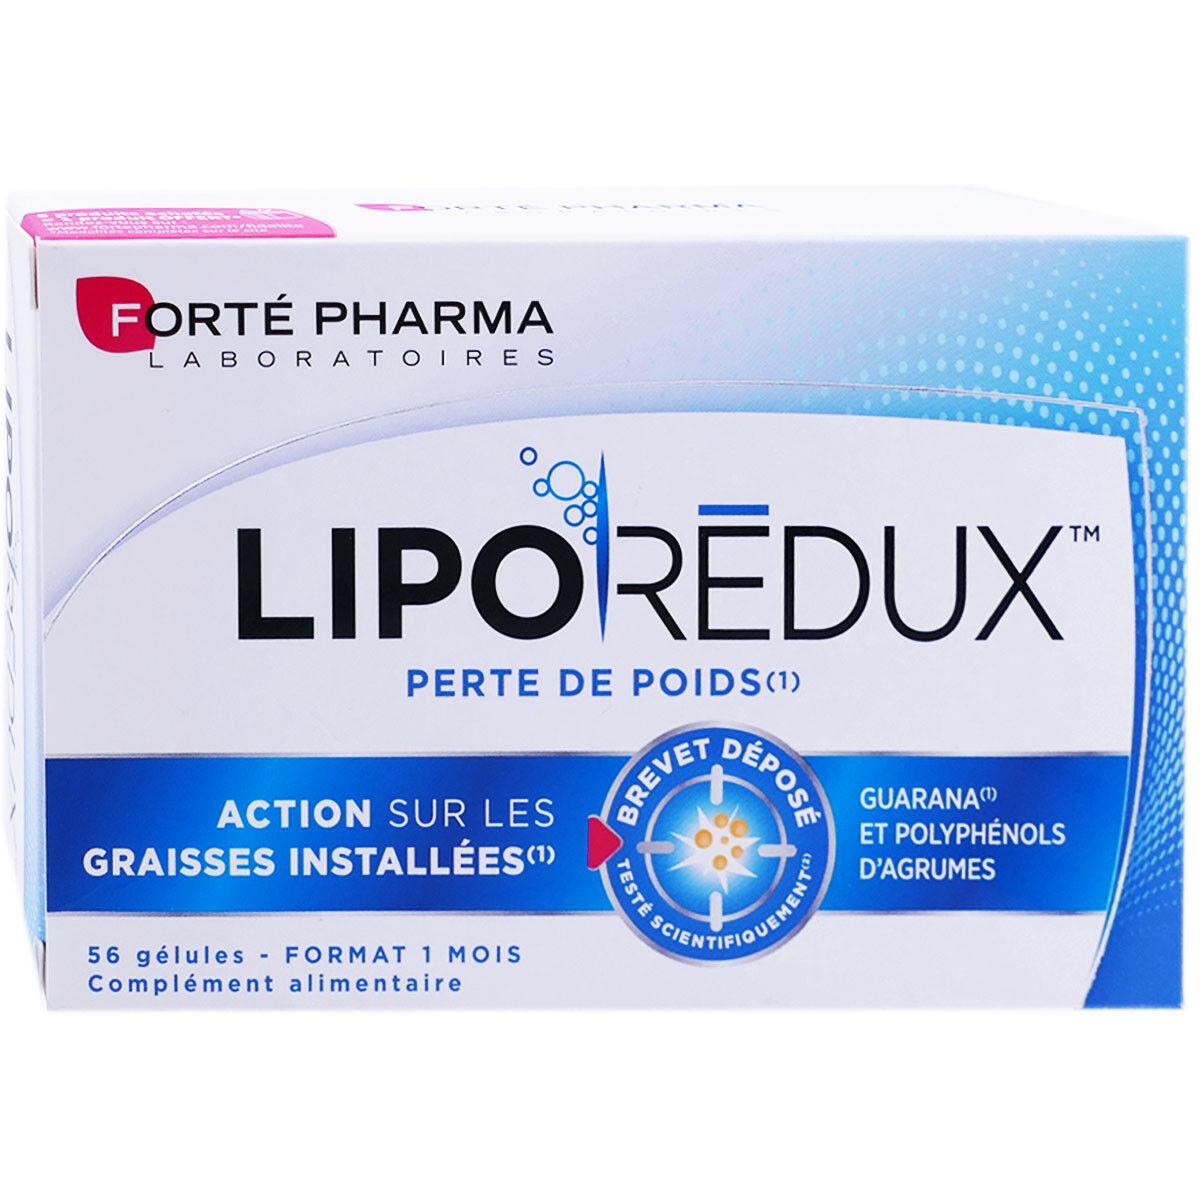 Forte pharma liporedux perte de poids 56 gelules